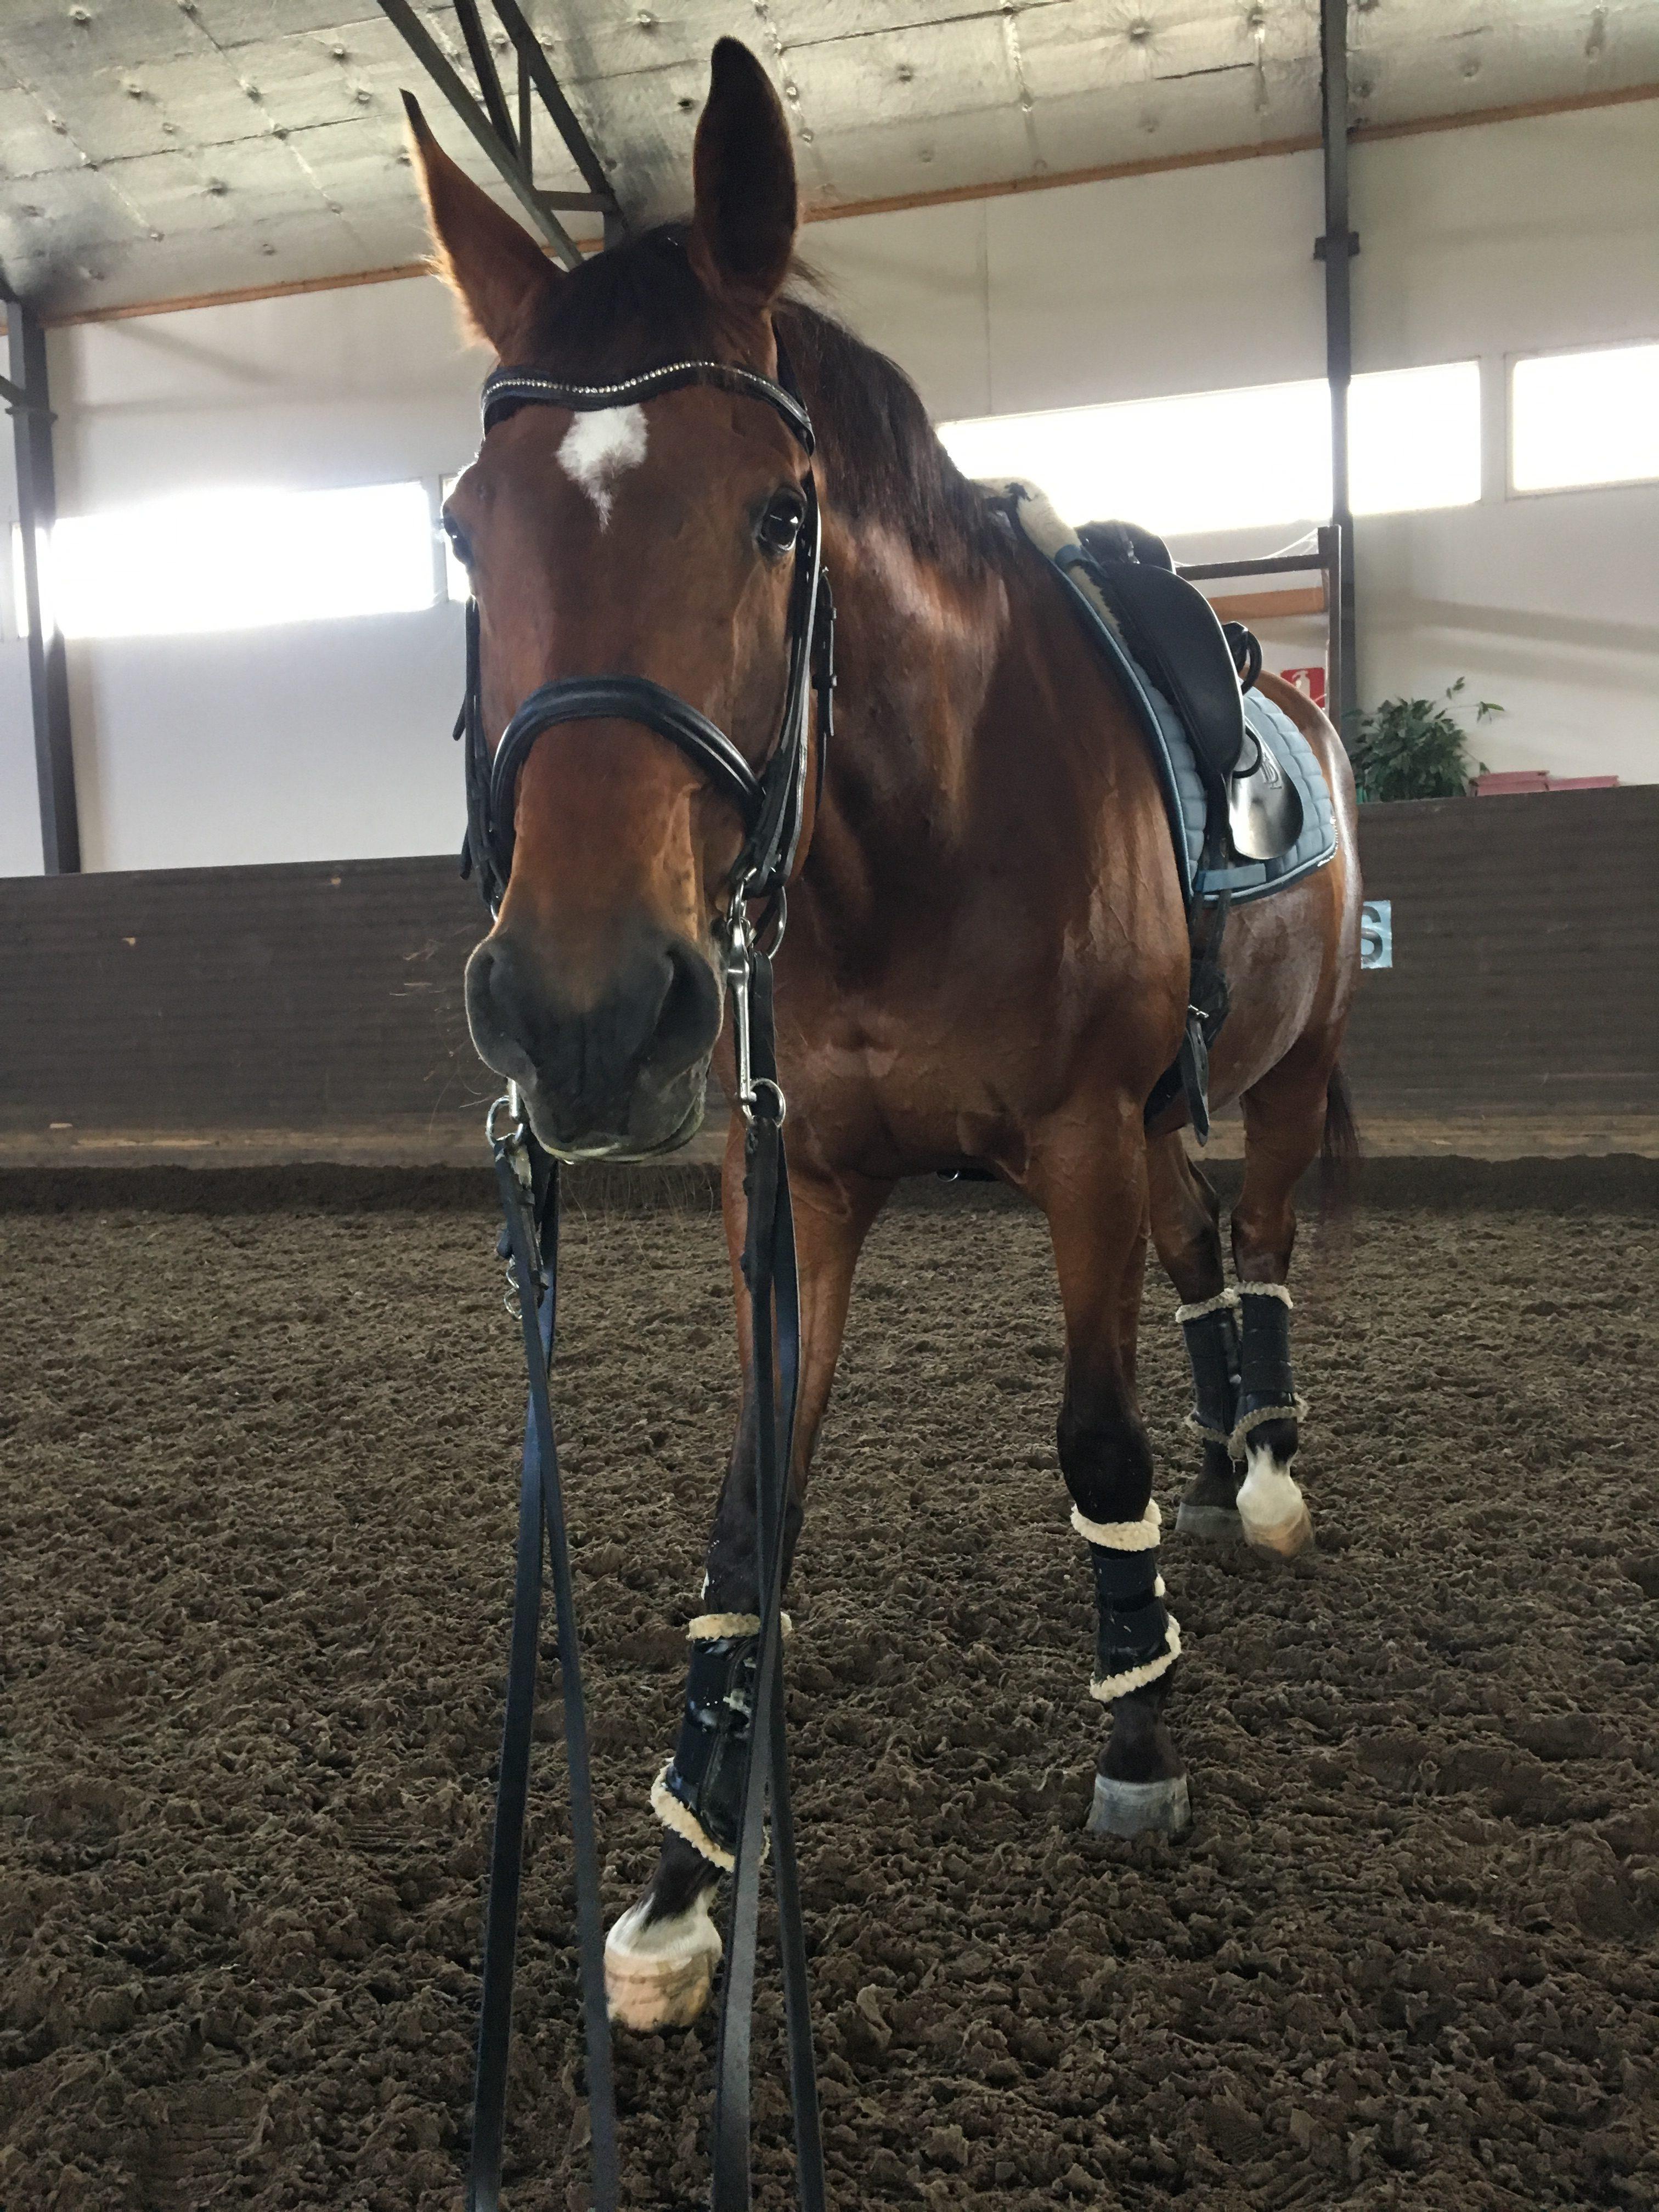 Horse, dressagehorse